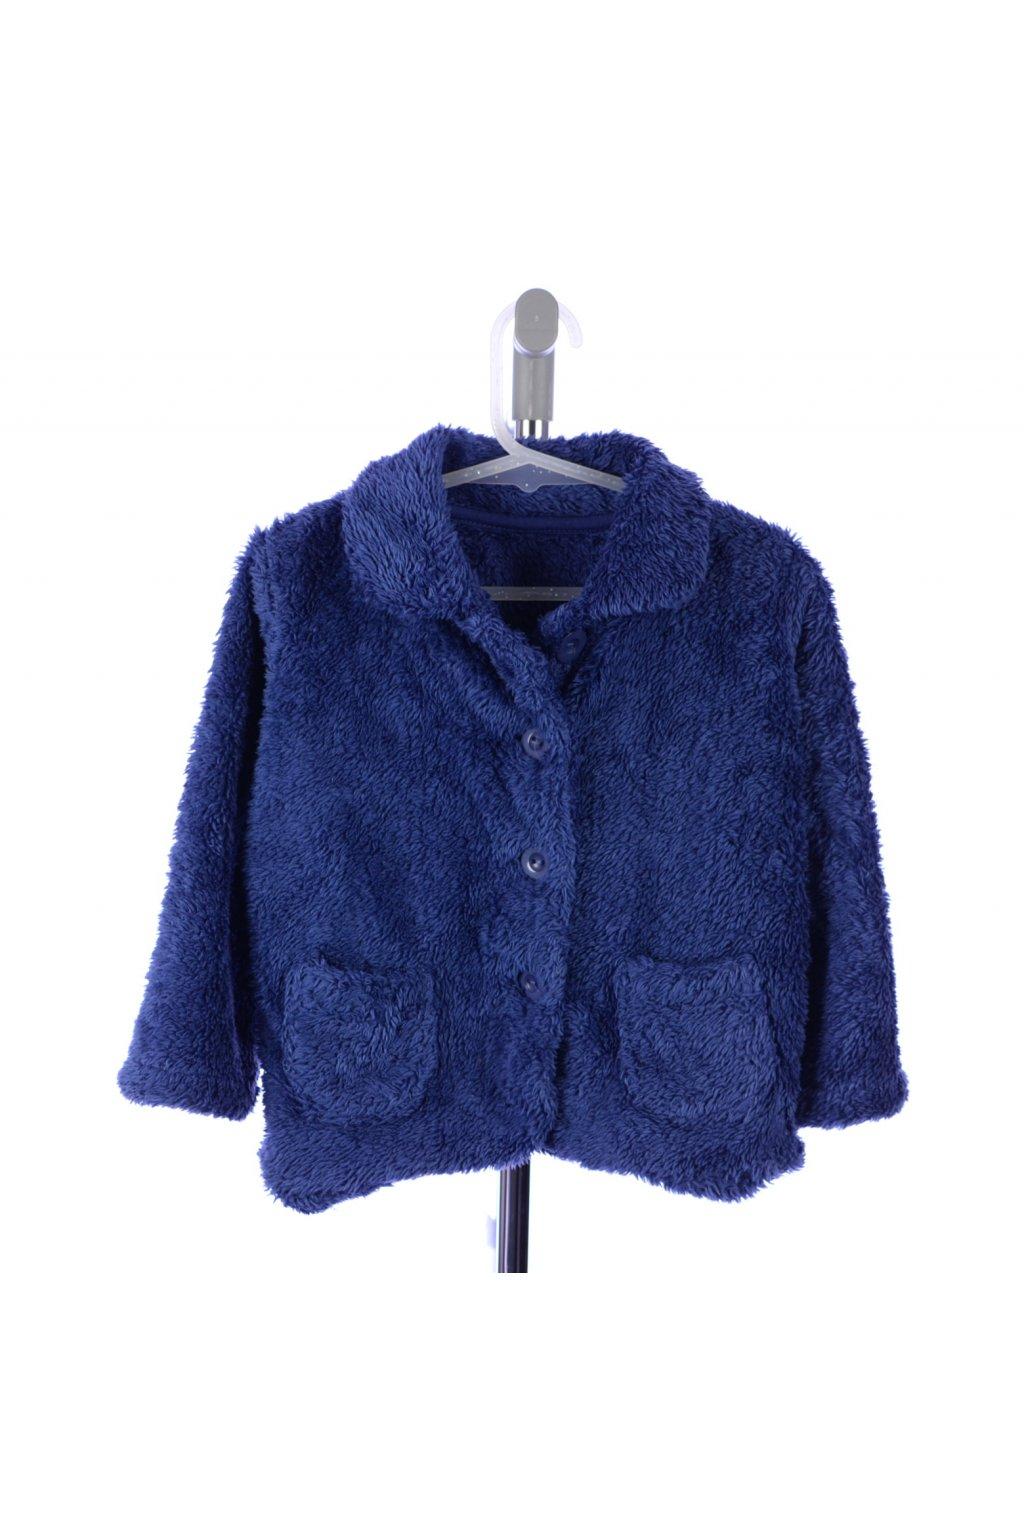 Mikina kabátek česaný flís Puddlepat vel. 80